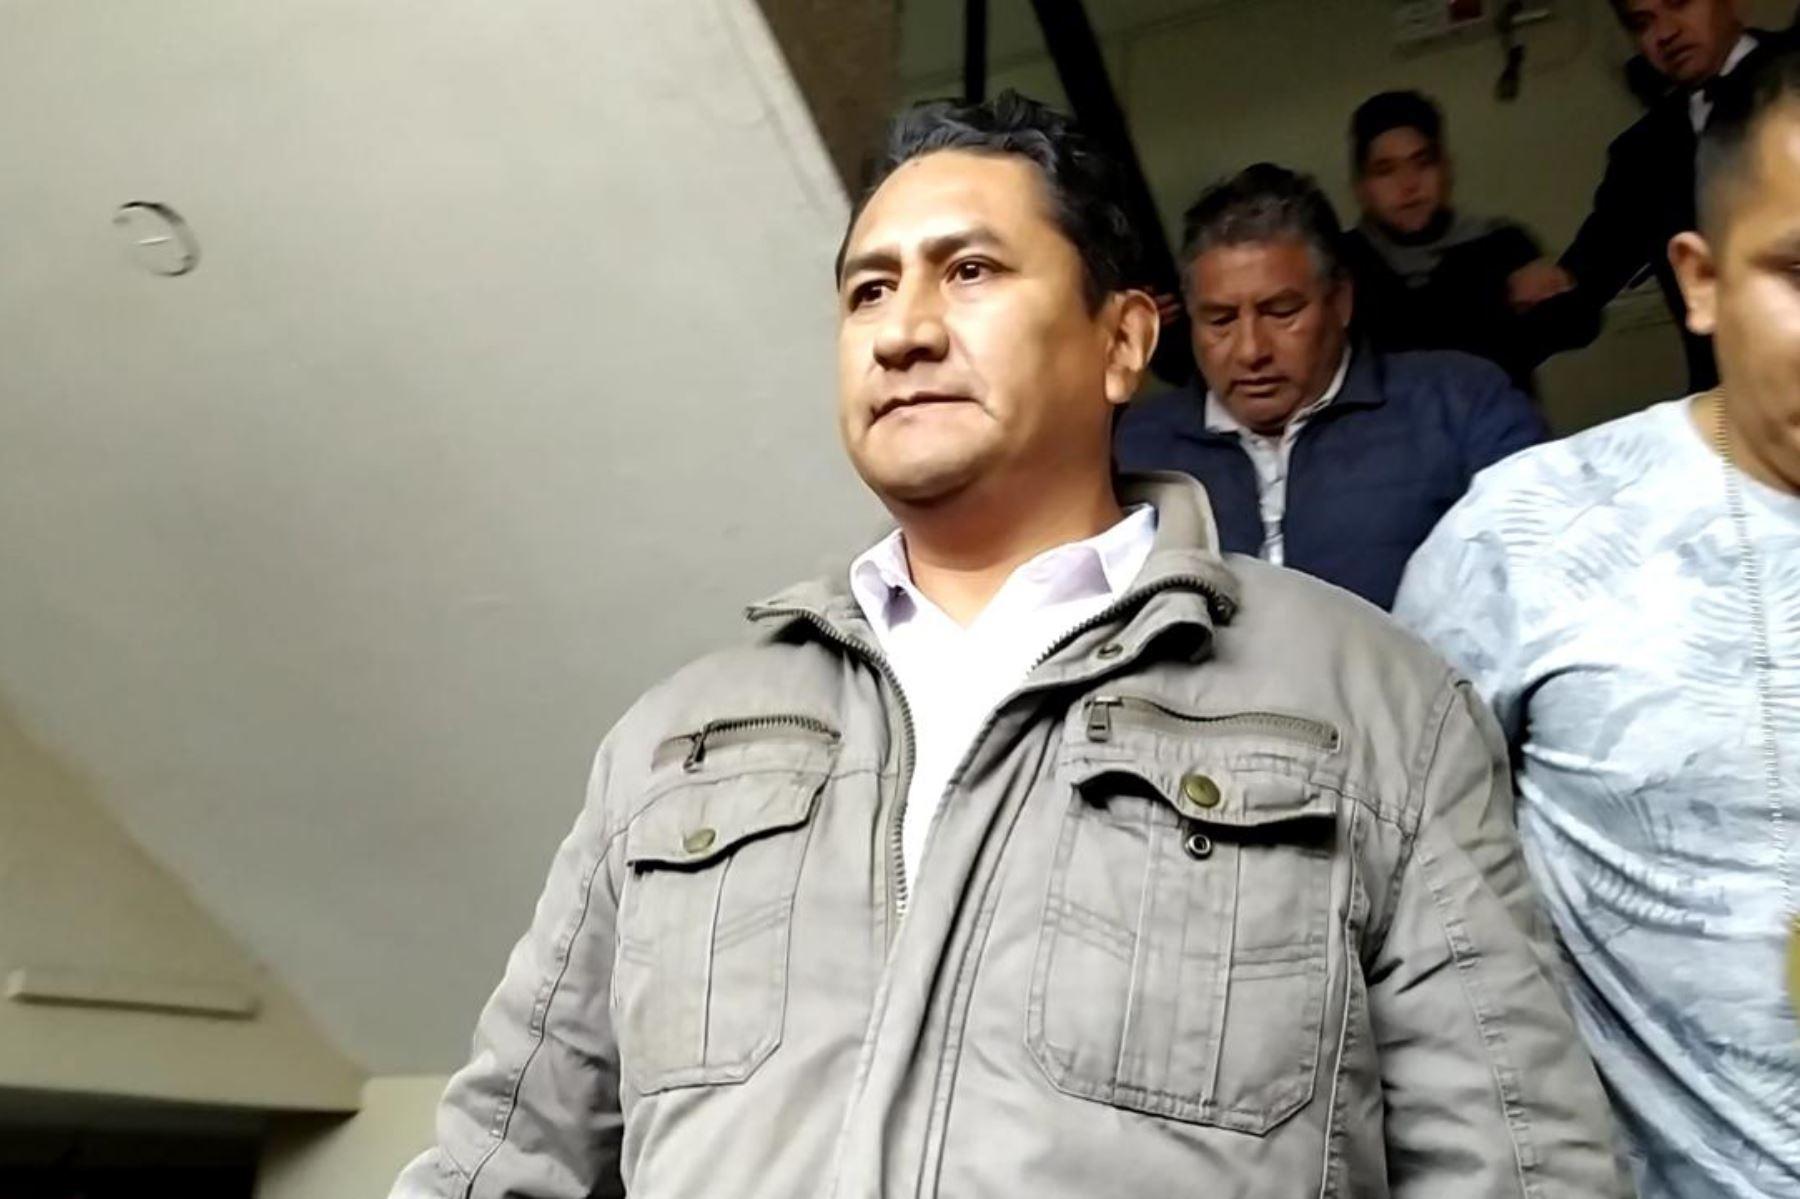 Vladimir Cerrón afrontará proceso en libertad y con pena reducida a 3 años y 9 meses, por disposición de la Sala de Apelaciones de la Corte Superior de Justicia de Junín. ANDINA/Difusión